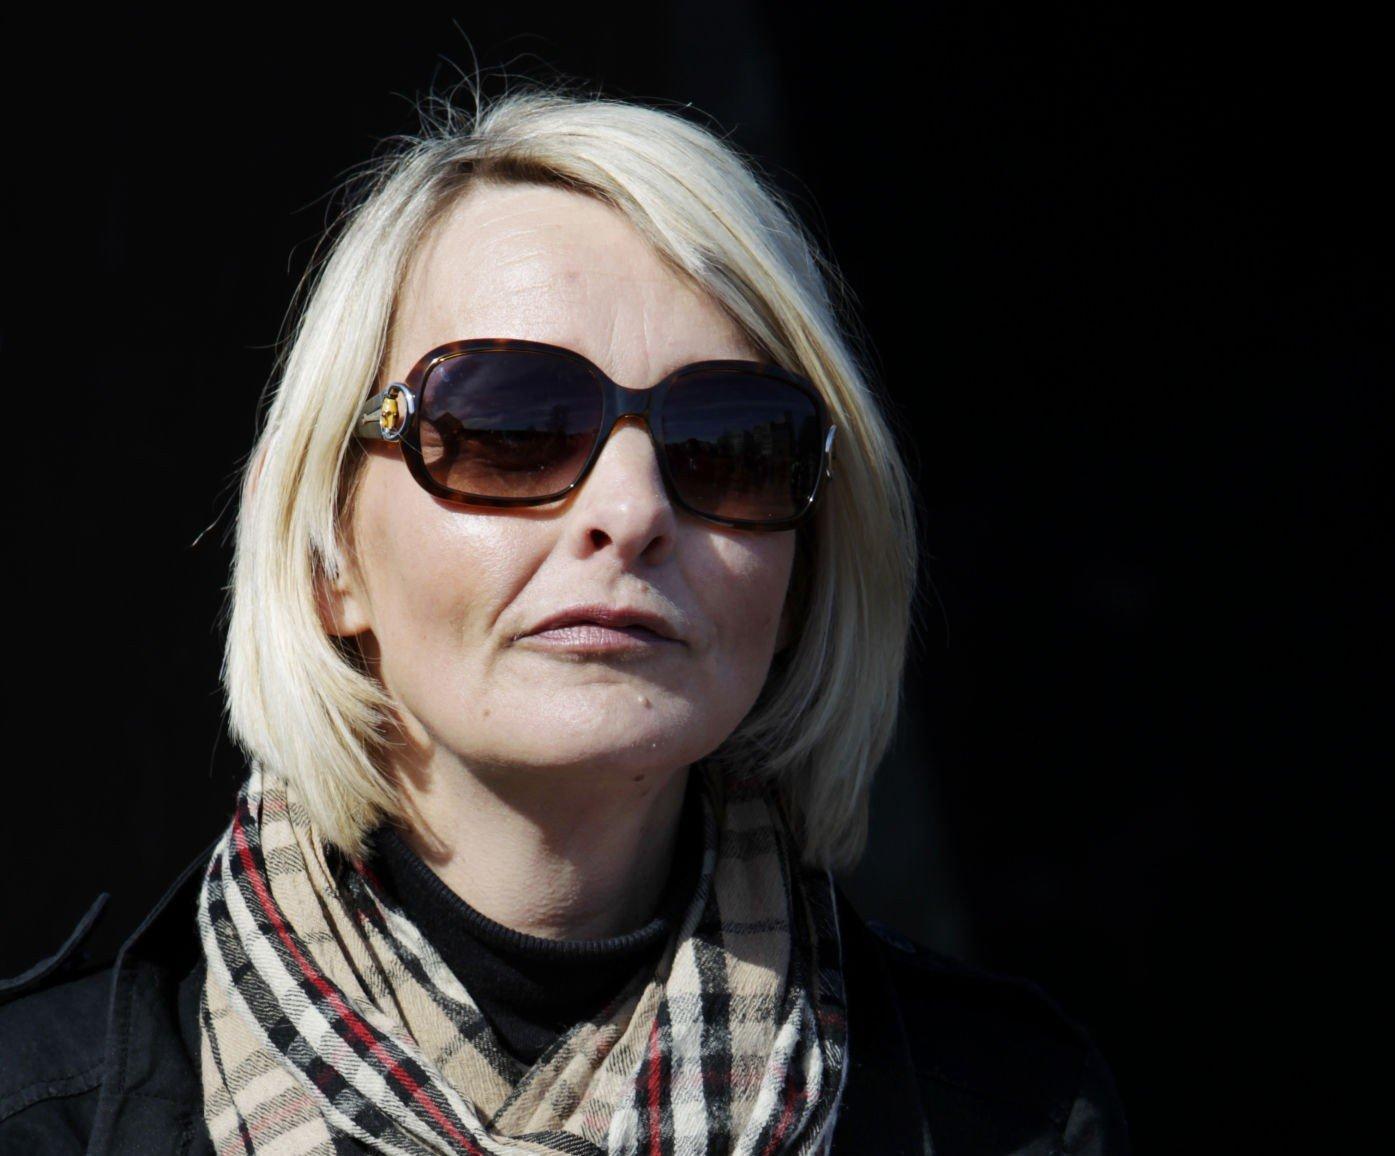 Tidligere leder i Norwegian Defence League (NDL) Lena Andreassen plagierte et to år gammelt blogginnlegg - og ble publisert på Aftenposten.